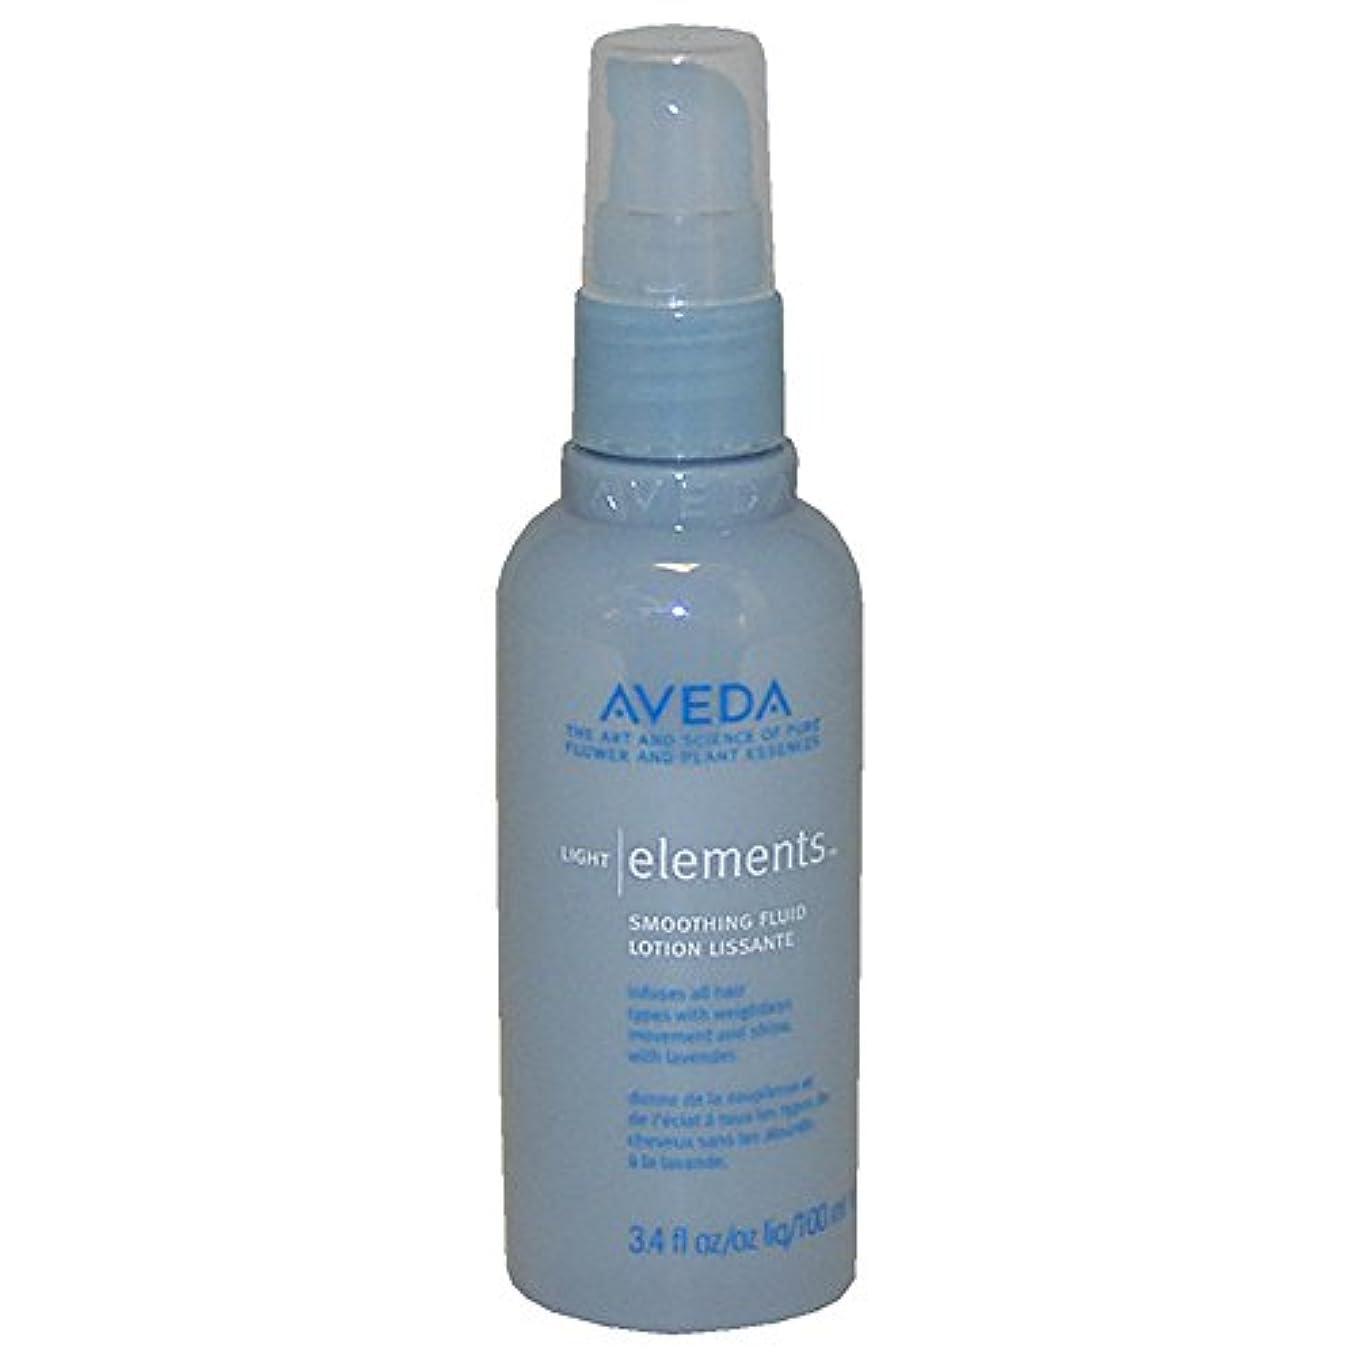 思いやりのある純度仕事Aveda Light Elements Smoothing Fluid 100ml [並行輸入品]